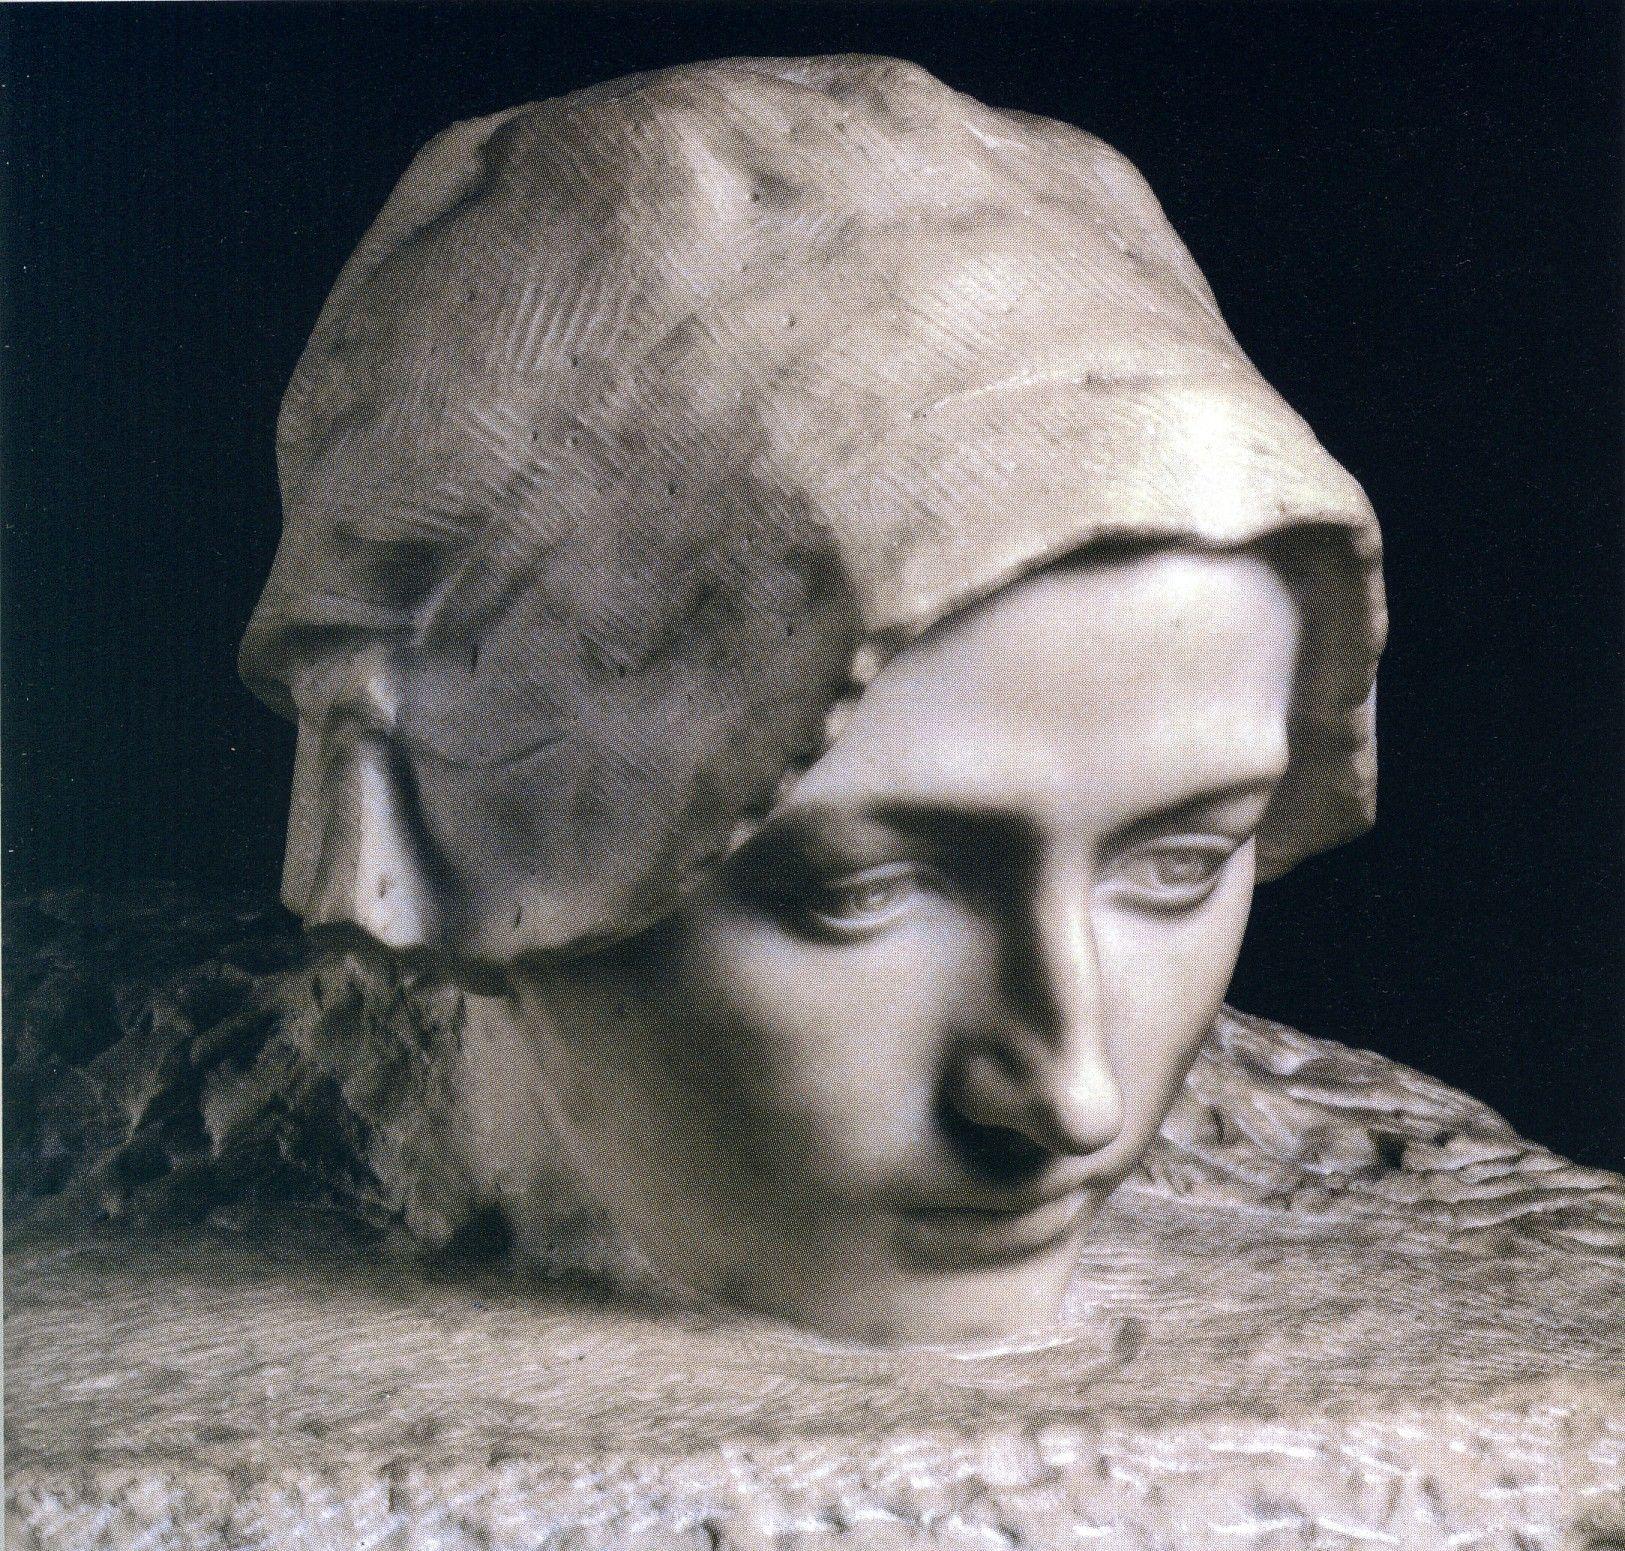 Camille Claudel: Auguste Rodin La Pensée, Portrait Of Camille Claudel